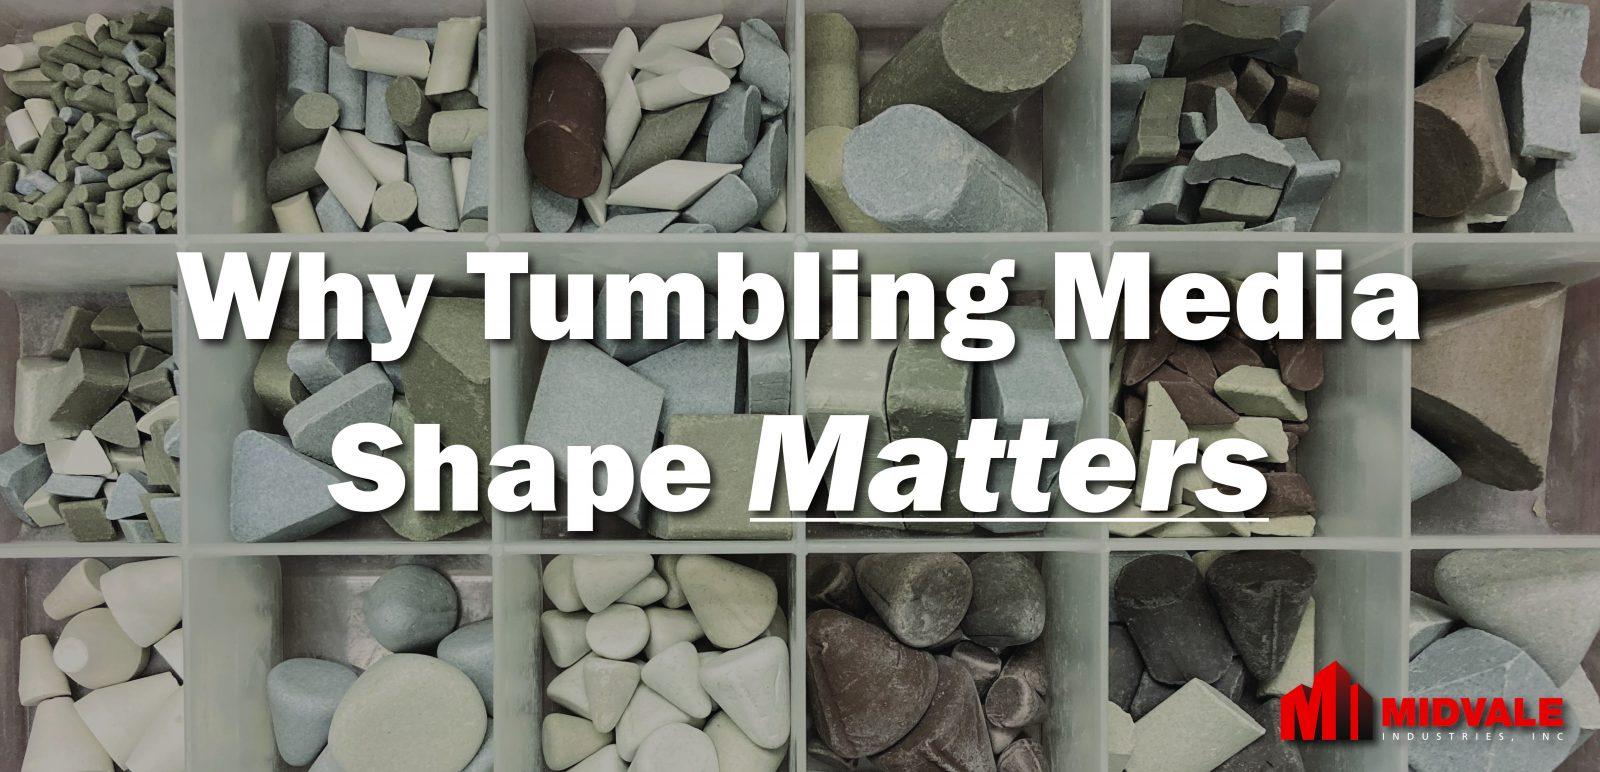 tumbling media shape